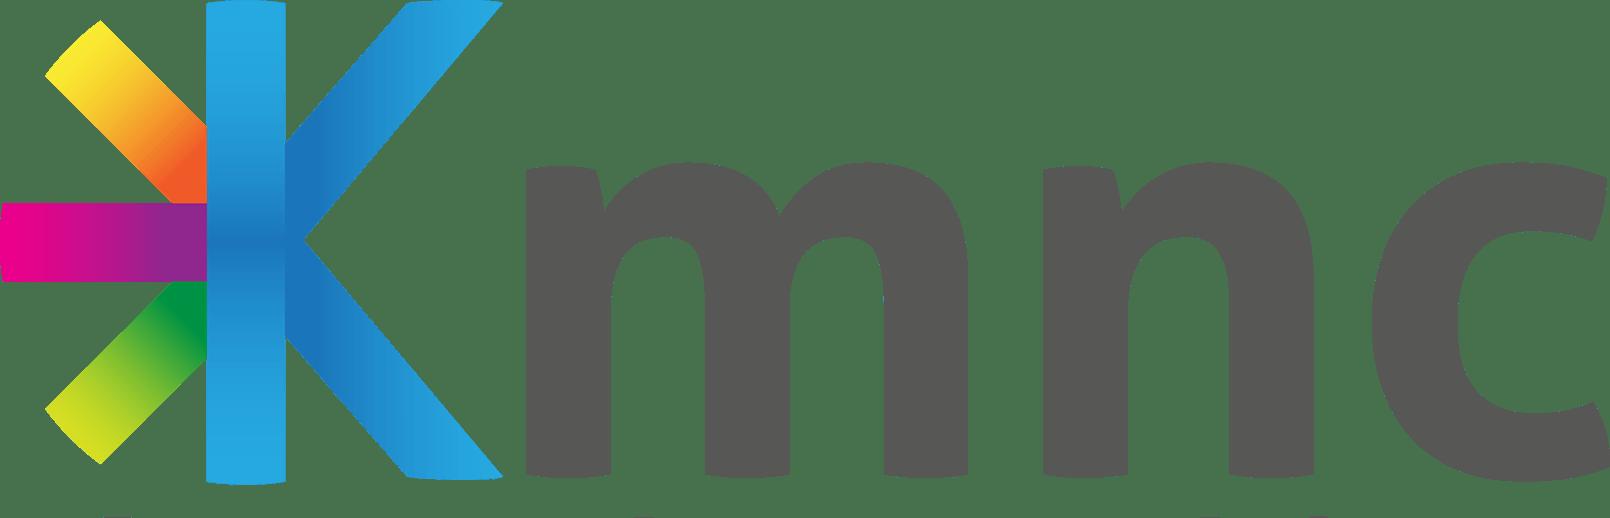 Komunica. Estudio de diseño Mallorca